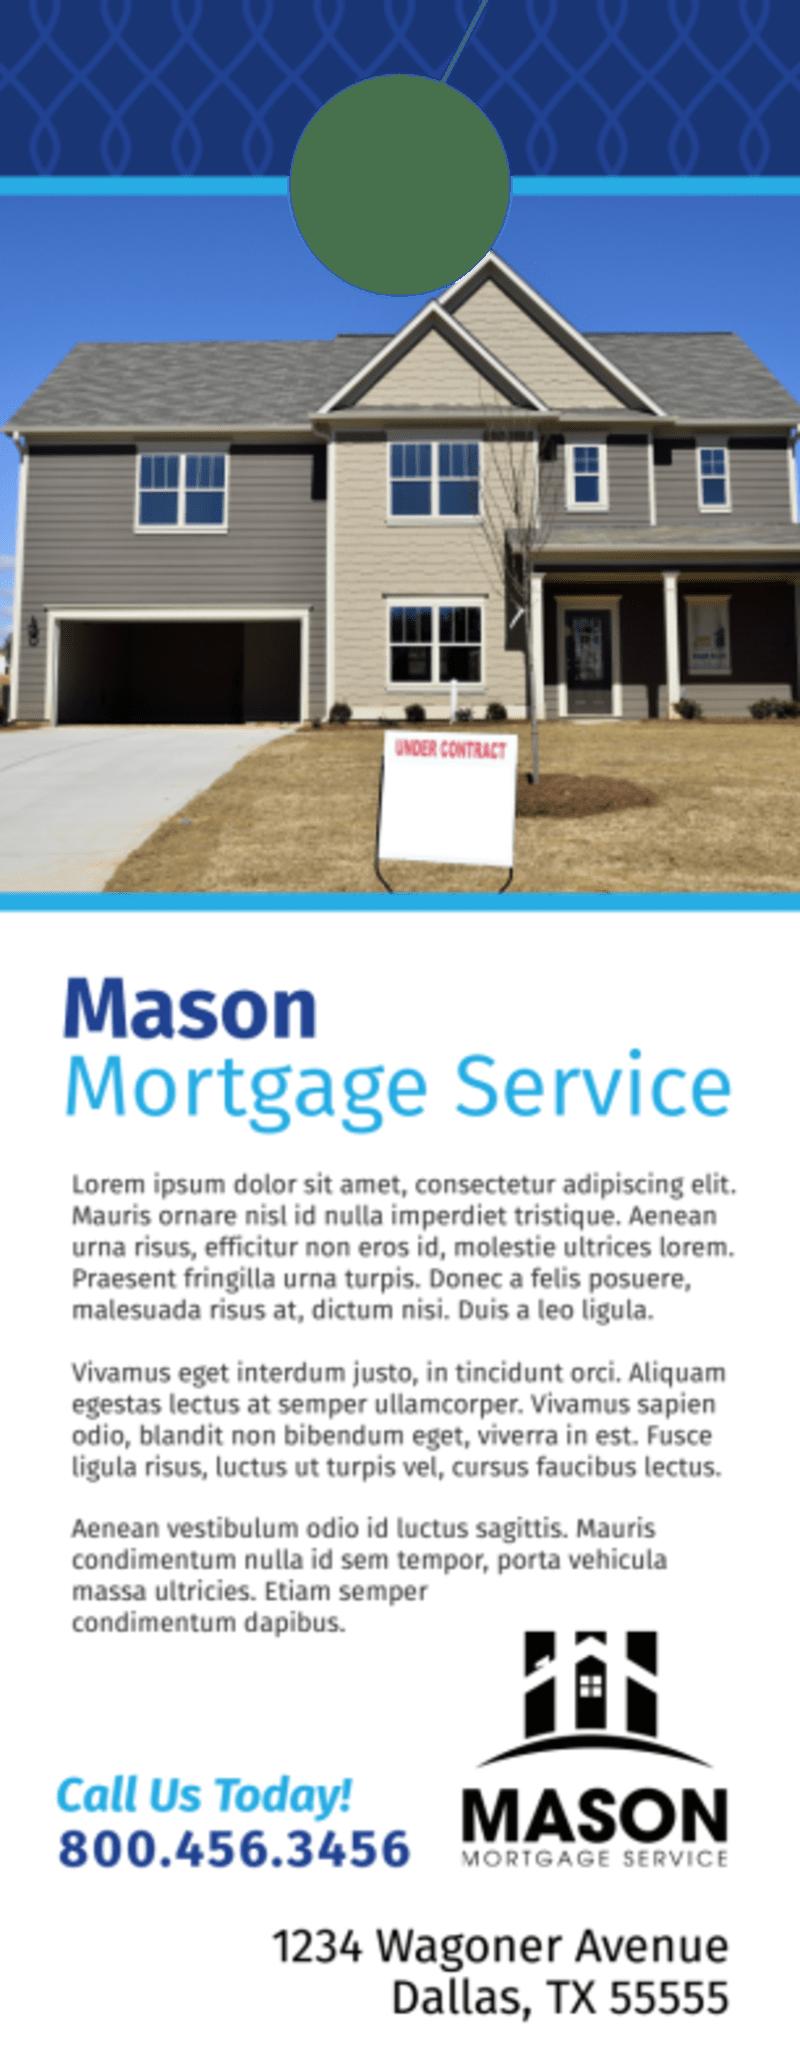 Blue Mortgage Door Hanger Template Preview 3